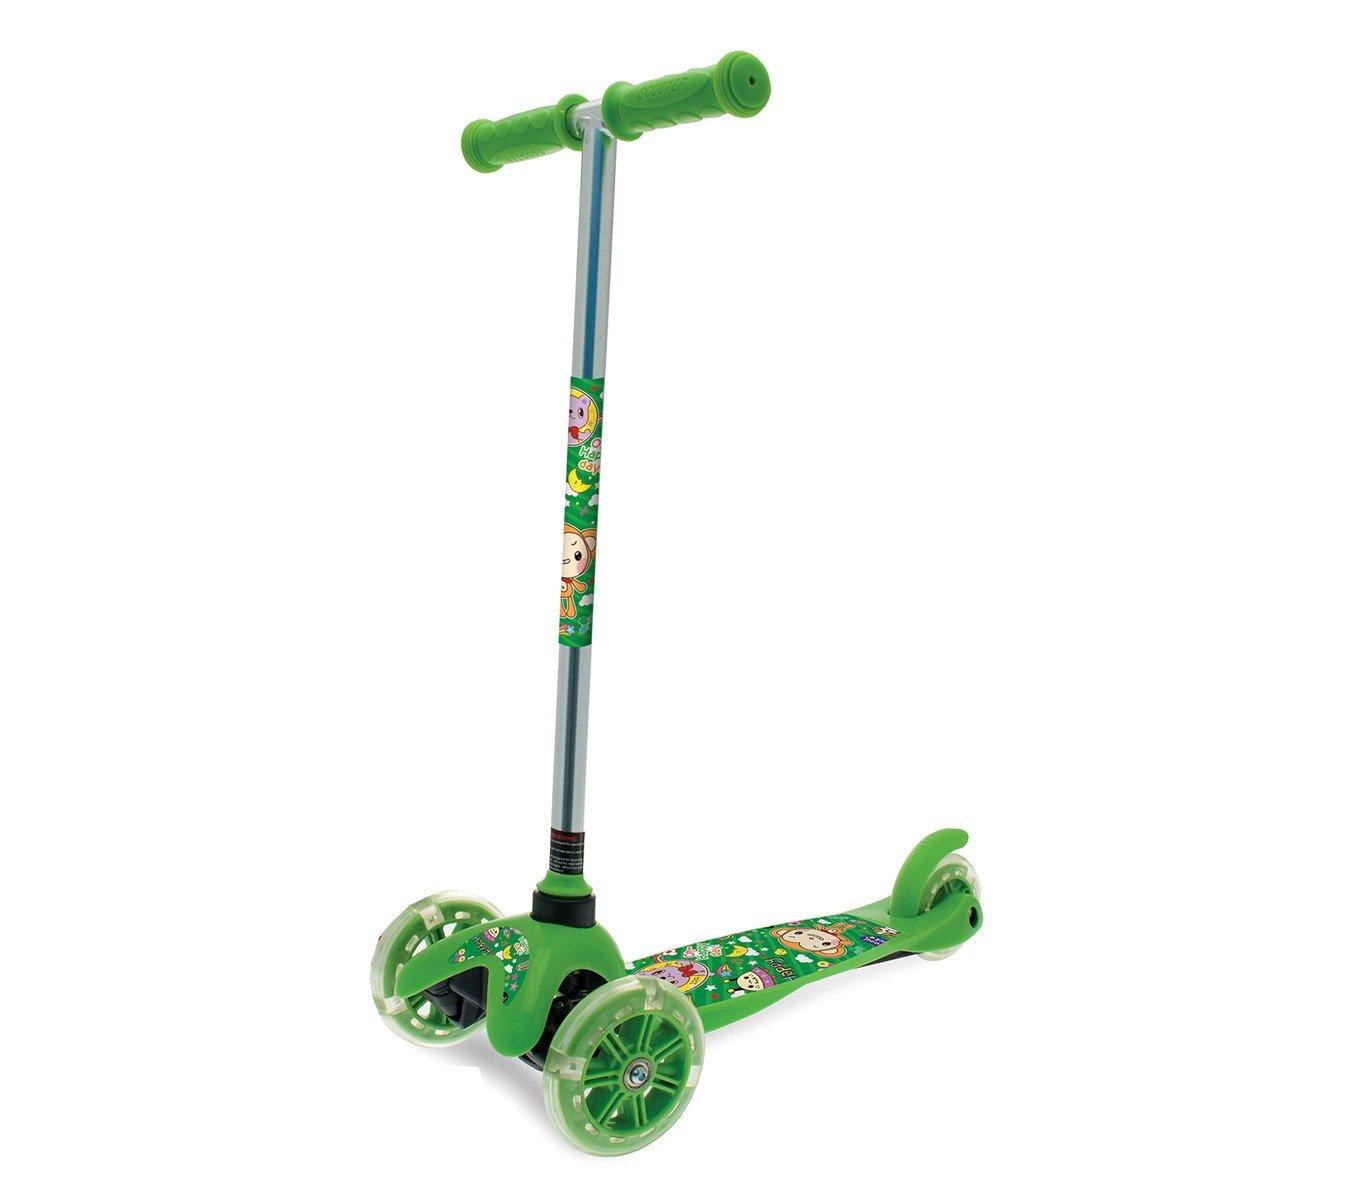 515326 Monopatín de aluminio para niños TWISTER SCOOTER 3 ruedas luminosas h 67 - Verde: Amazon.es: Deportes y aire libre